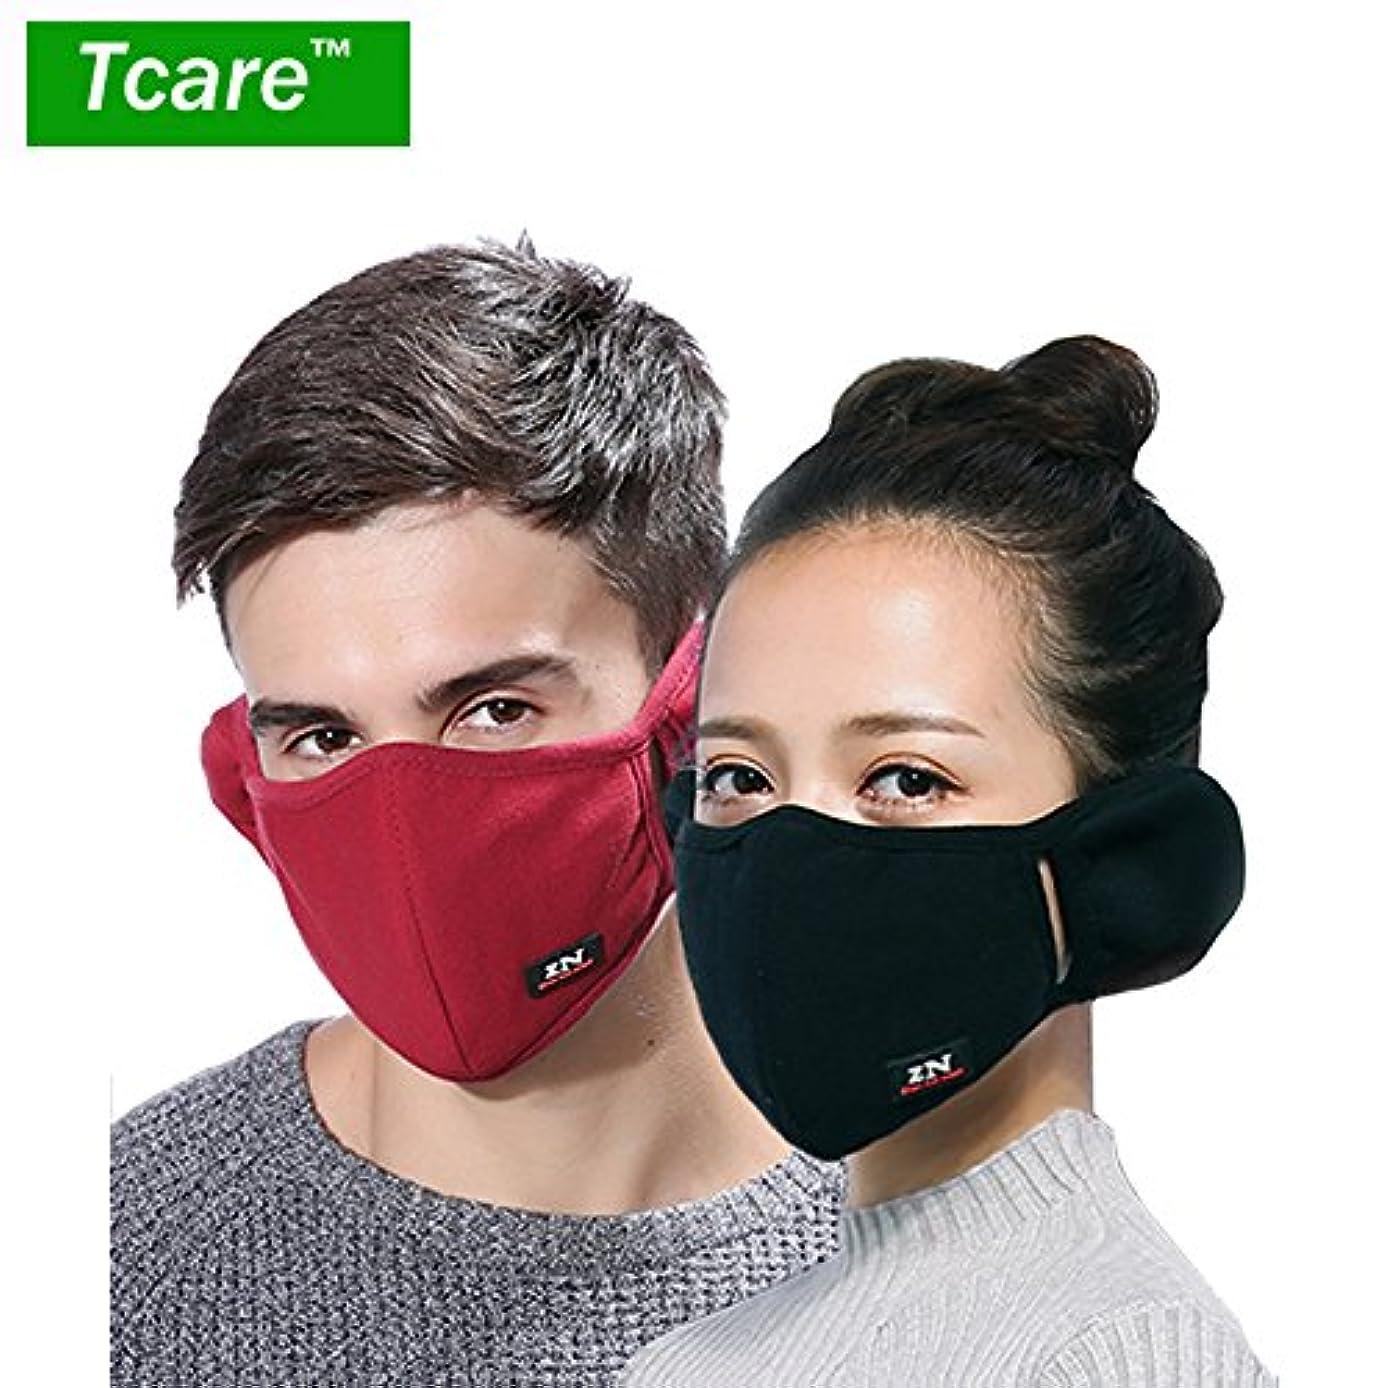 男性女性の少年少女のためのTcare呼吸器2レイヤピュアコットン保護フィルター挿入口:9グレー